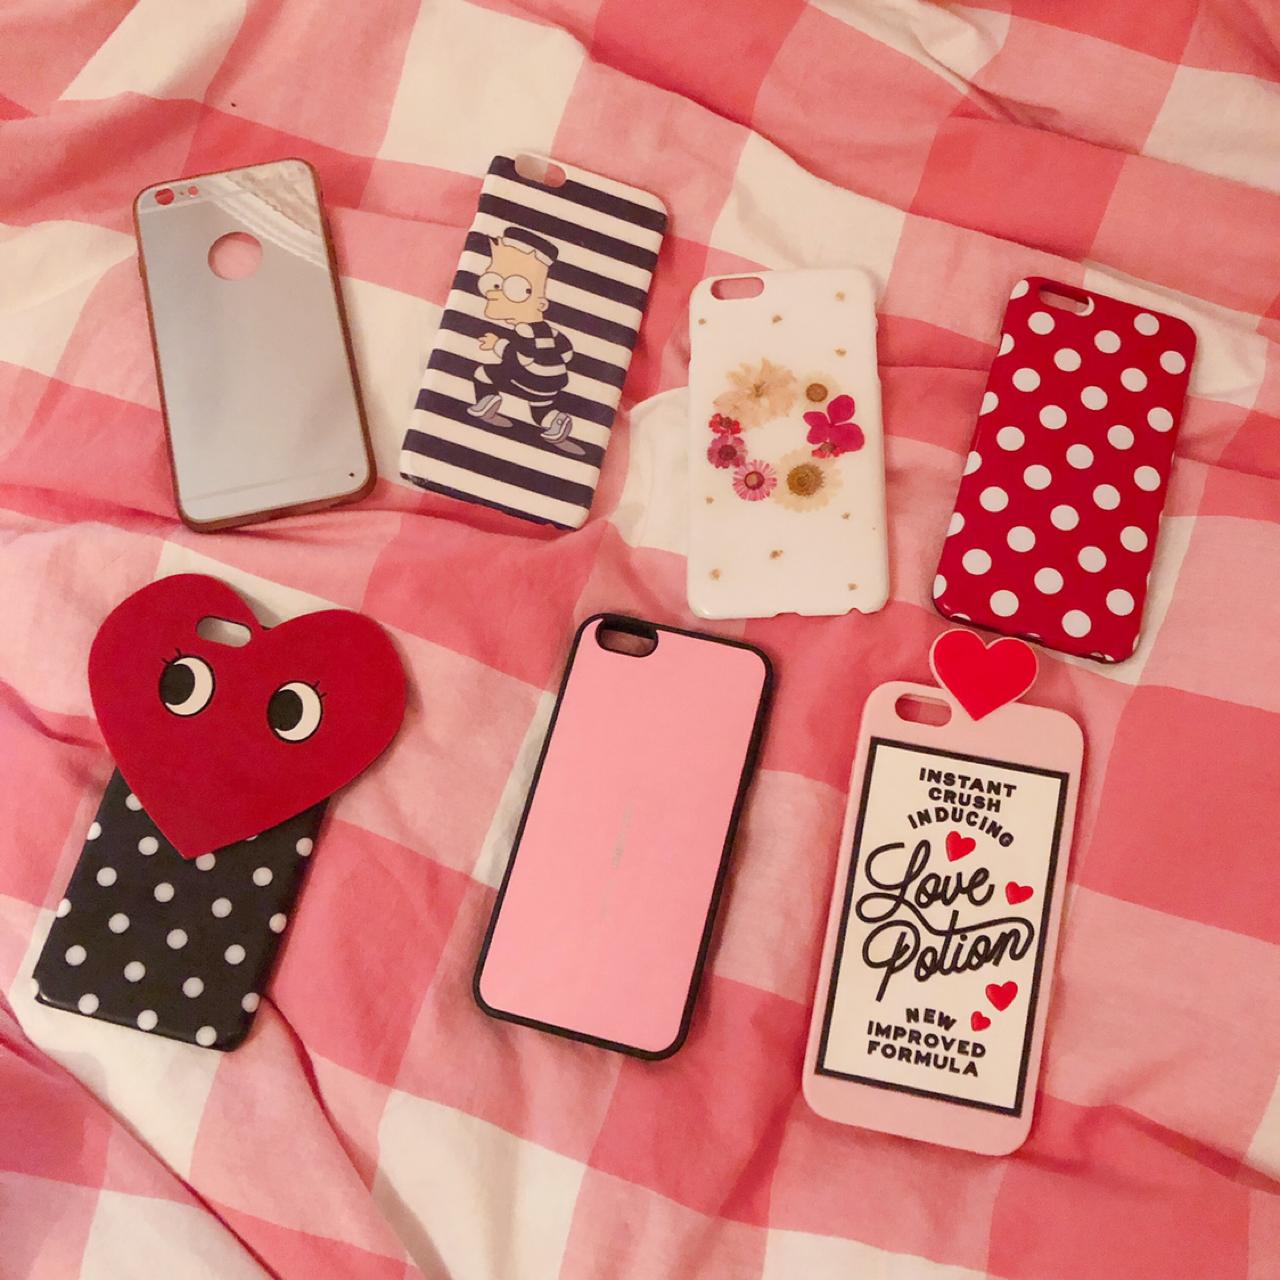 아이폰 6s+ / 6+ 케이스 iPhone6s+ / iPhone6+ 폰케이스 휴대폰케이스